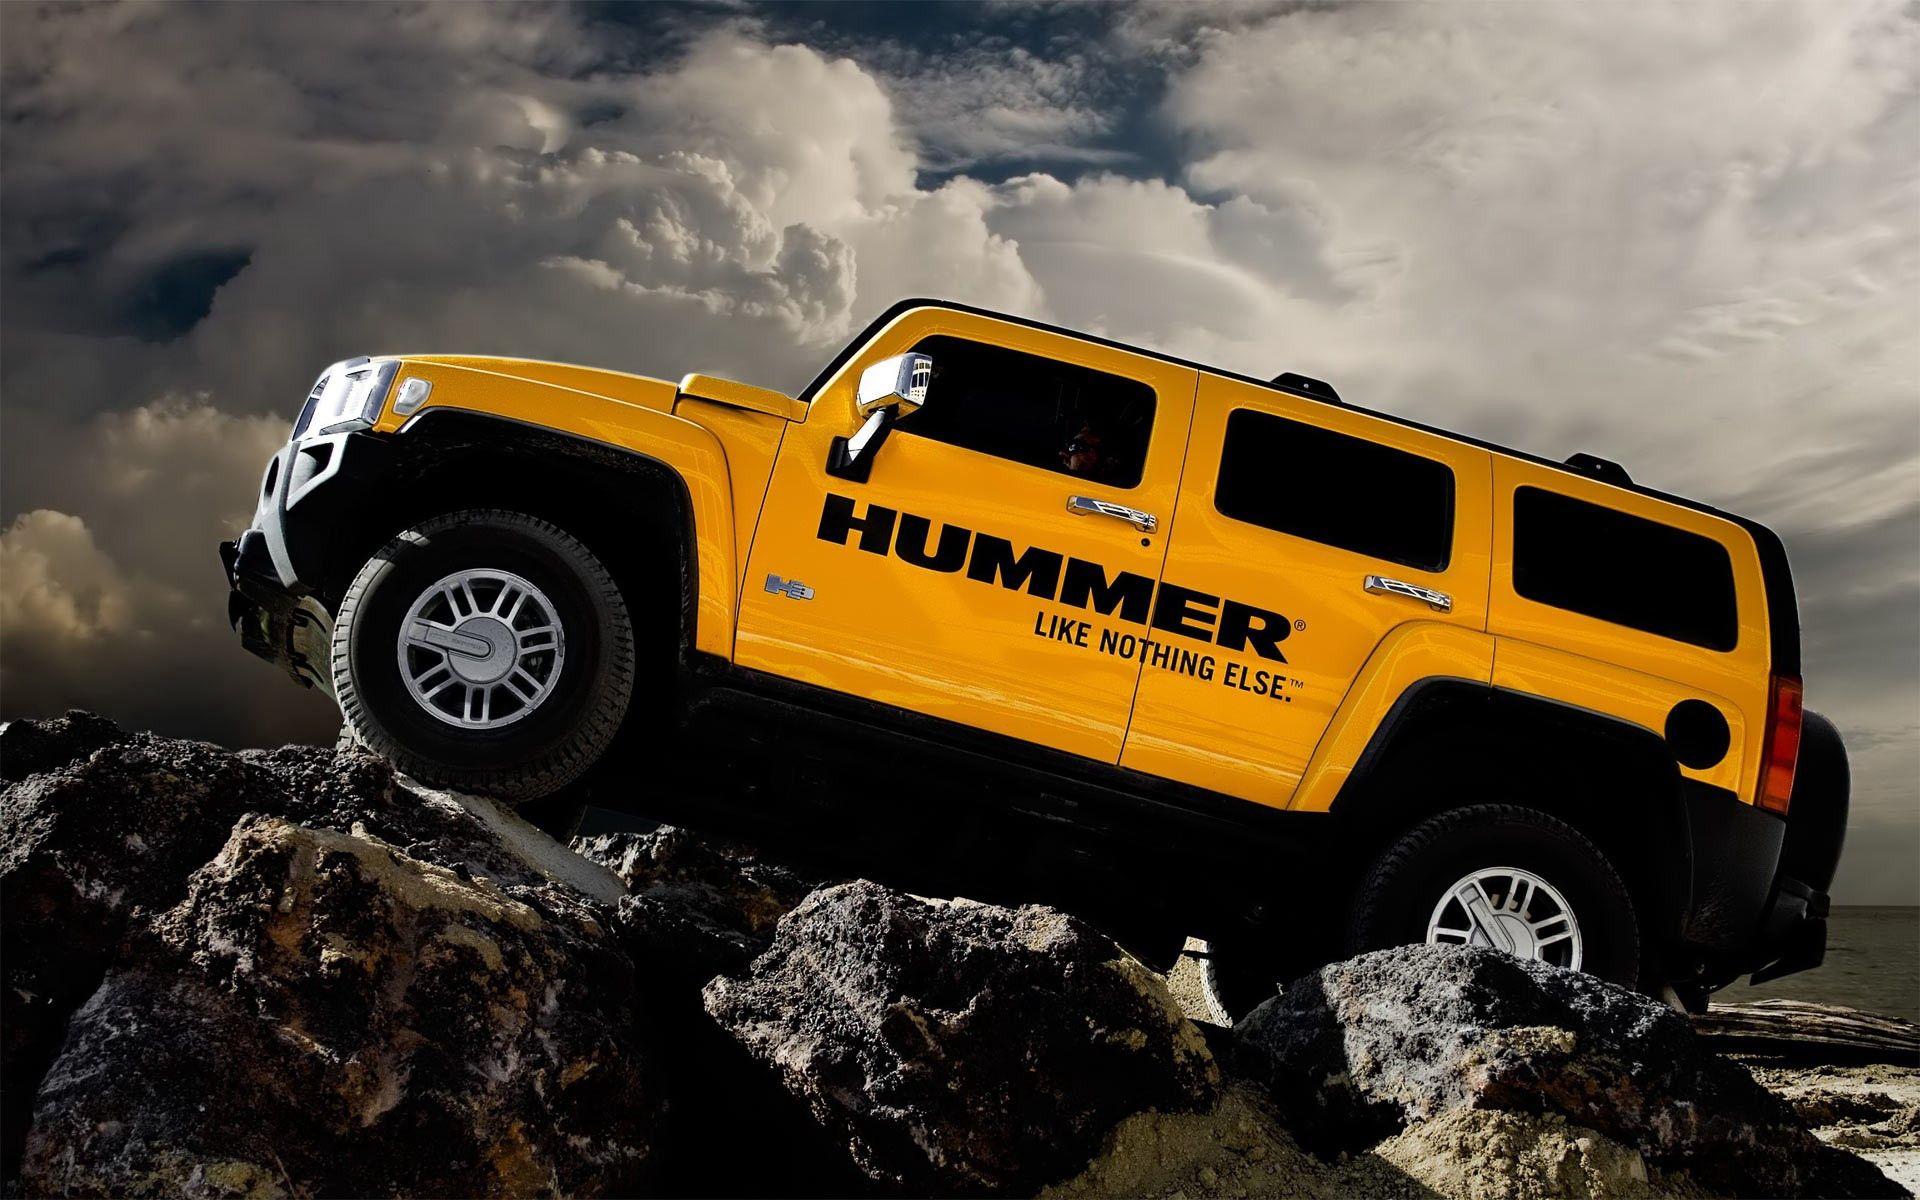 102013 скачать обои Тачки (Cars), Хаммер, H3, Машины, Желтый, Вид Слева - заставки и картинки бесплатно